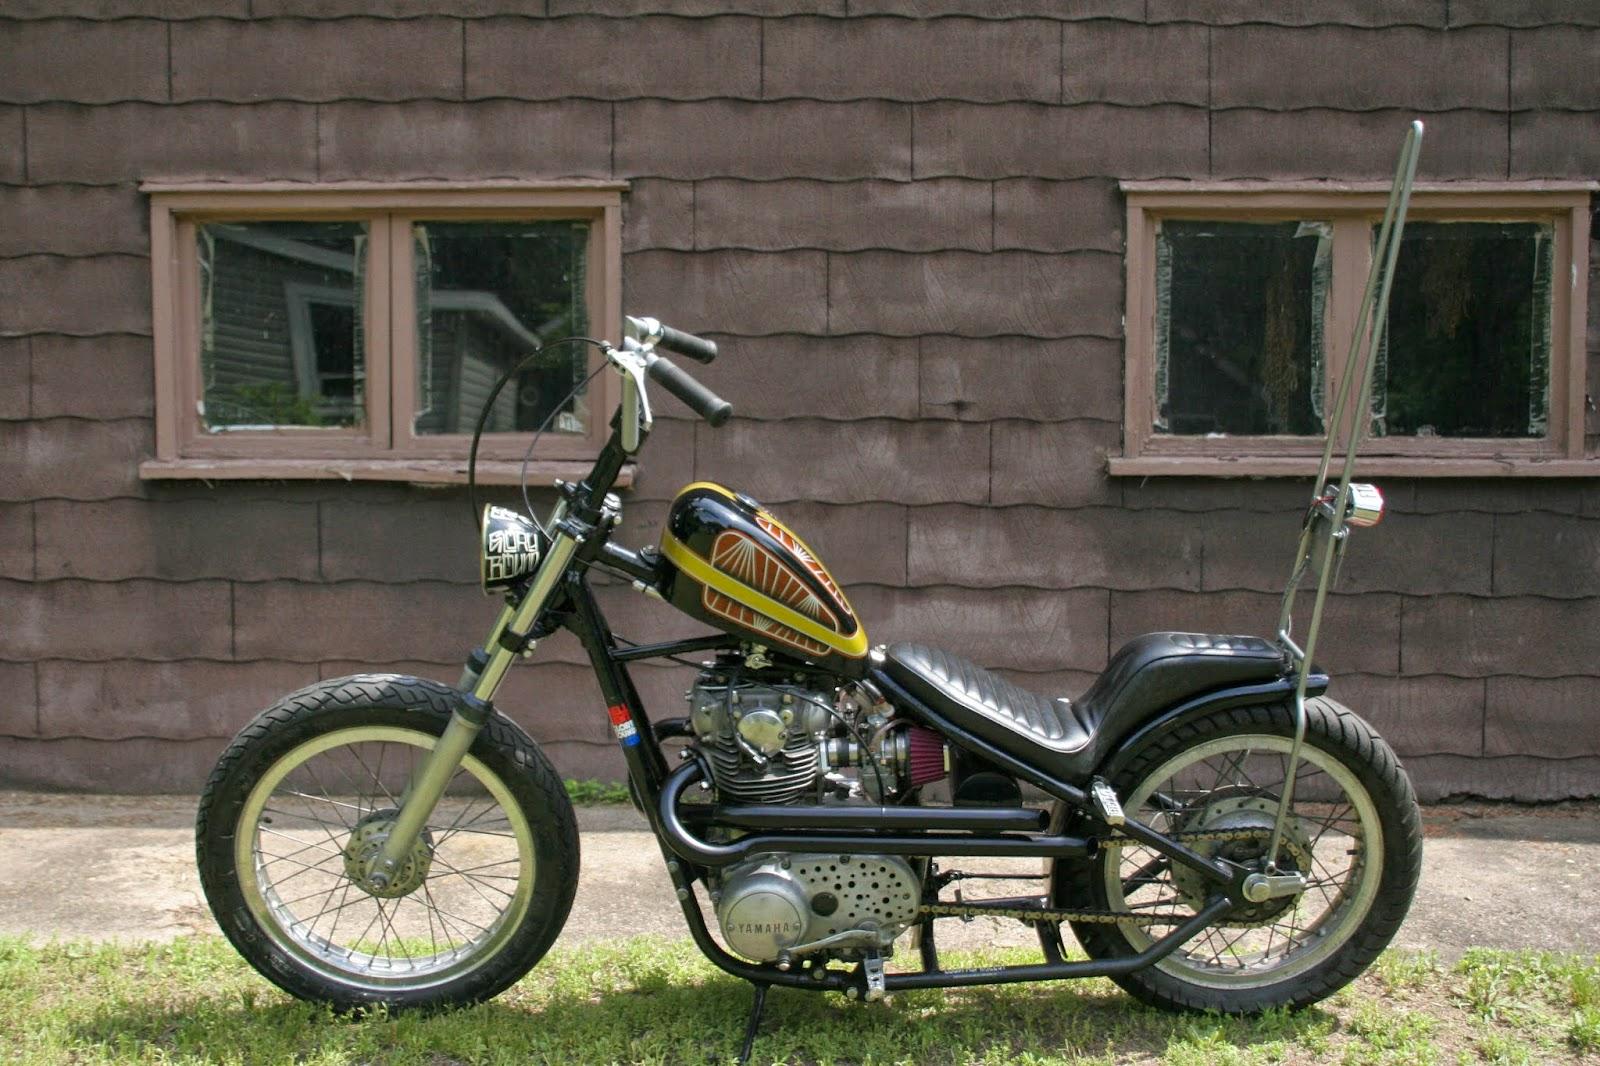 Yamaha XS650 chopper